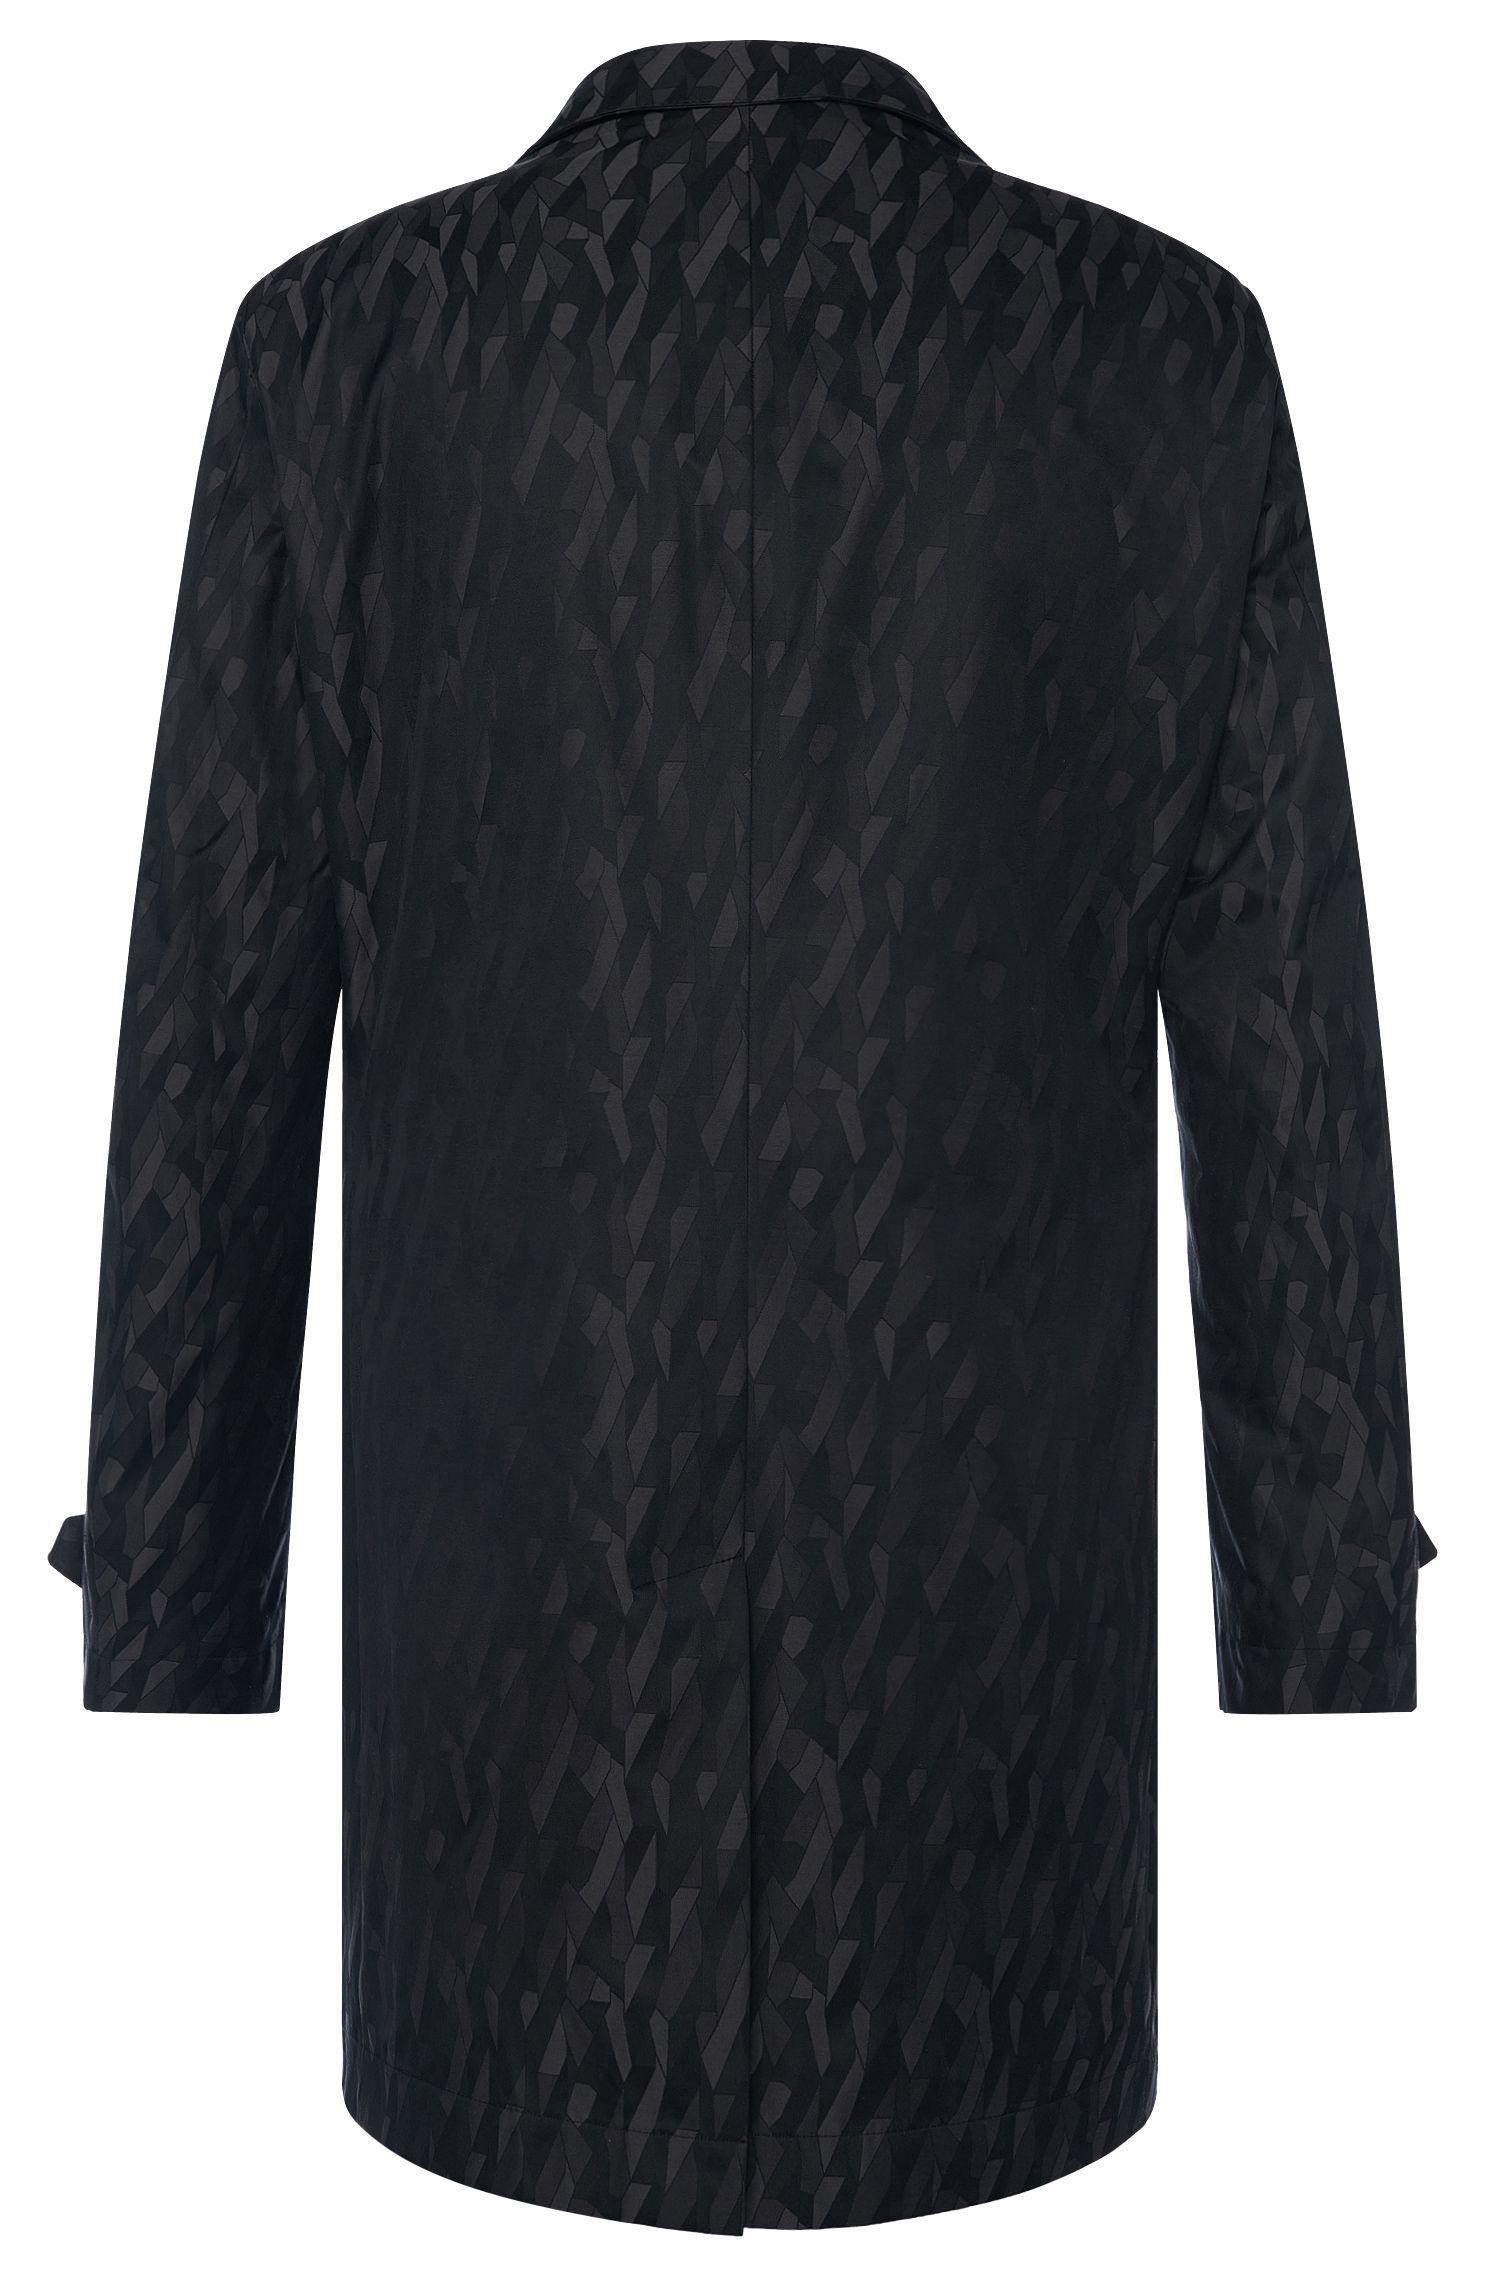 Wasserabweisender Regular-Fit Mantel aus Baumwoll-Mix: 'Garret2'